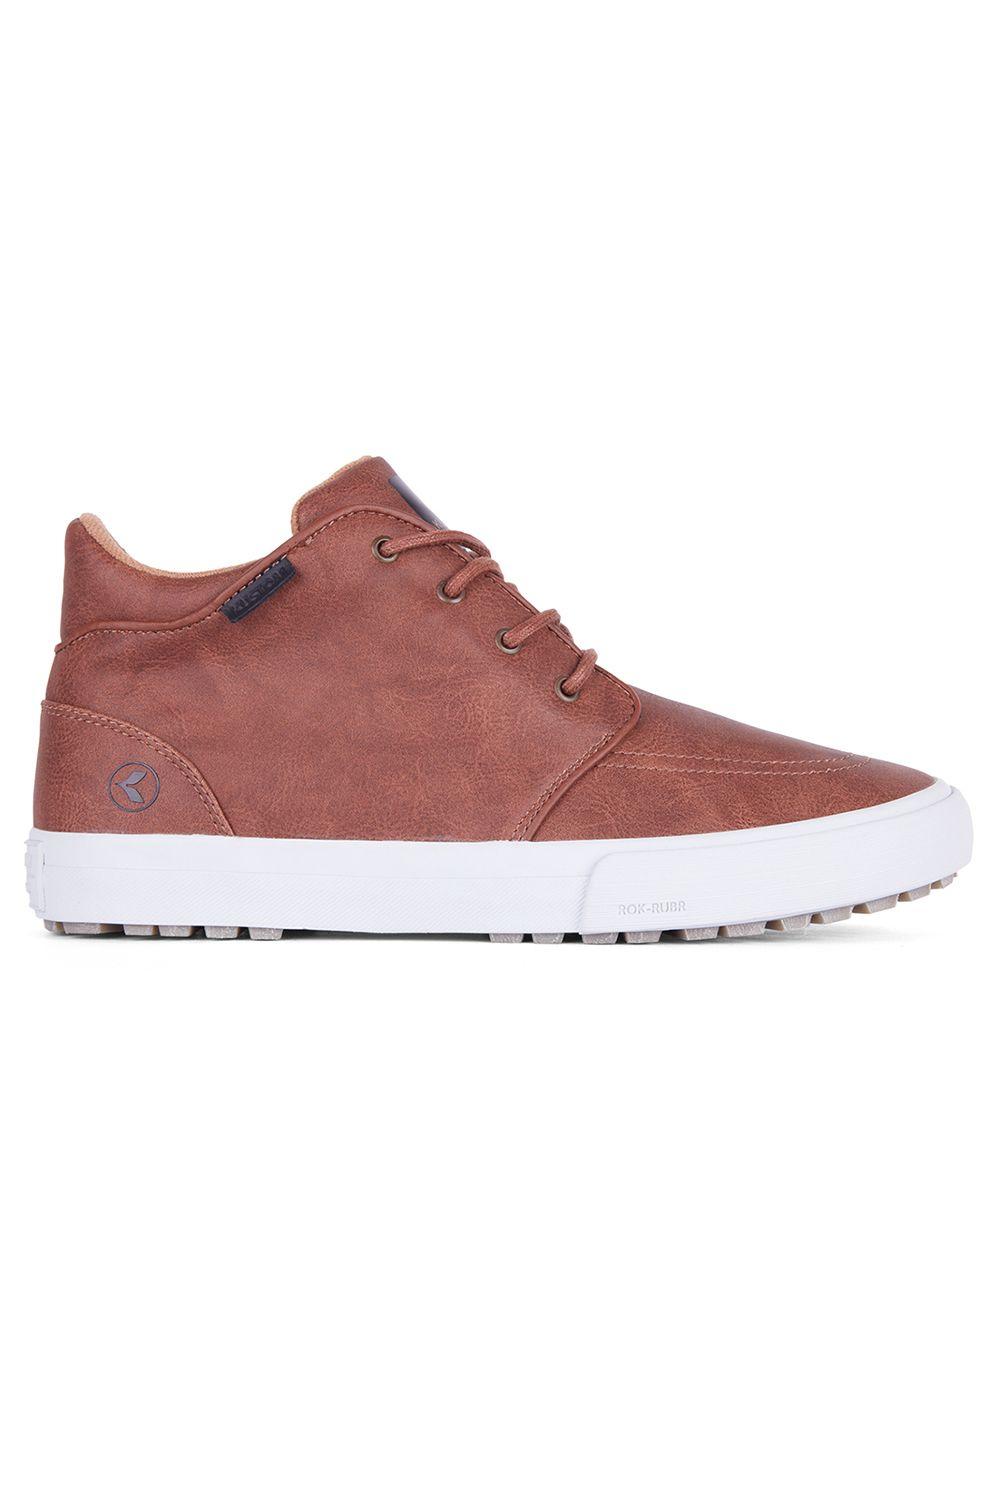 Kustom Shoes HOTHAM Brown